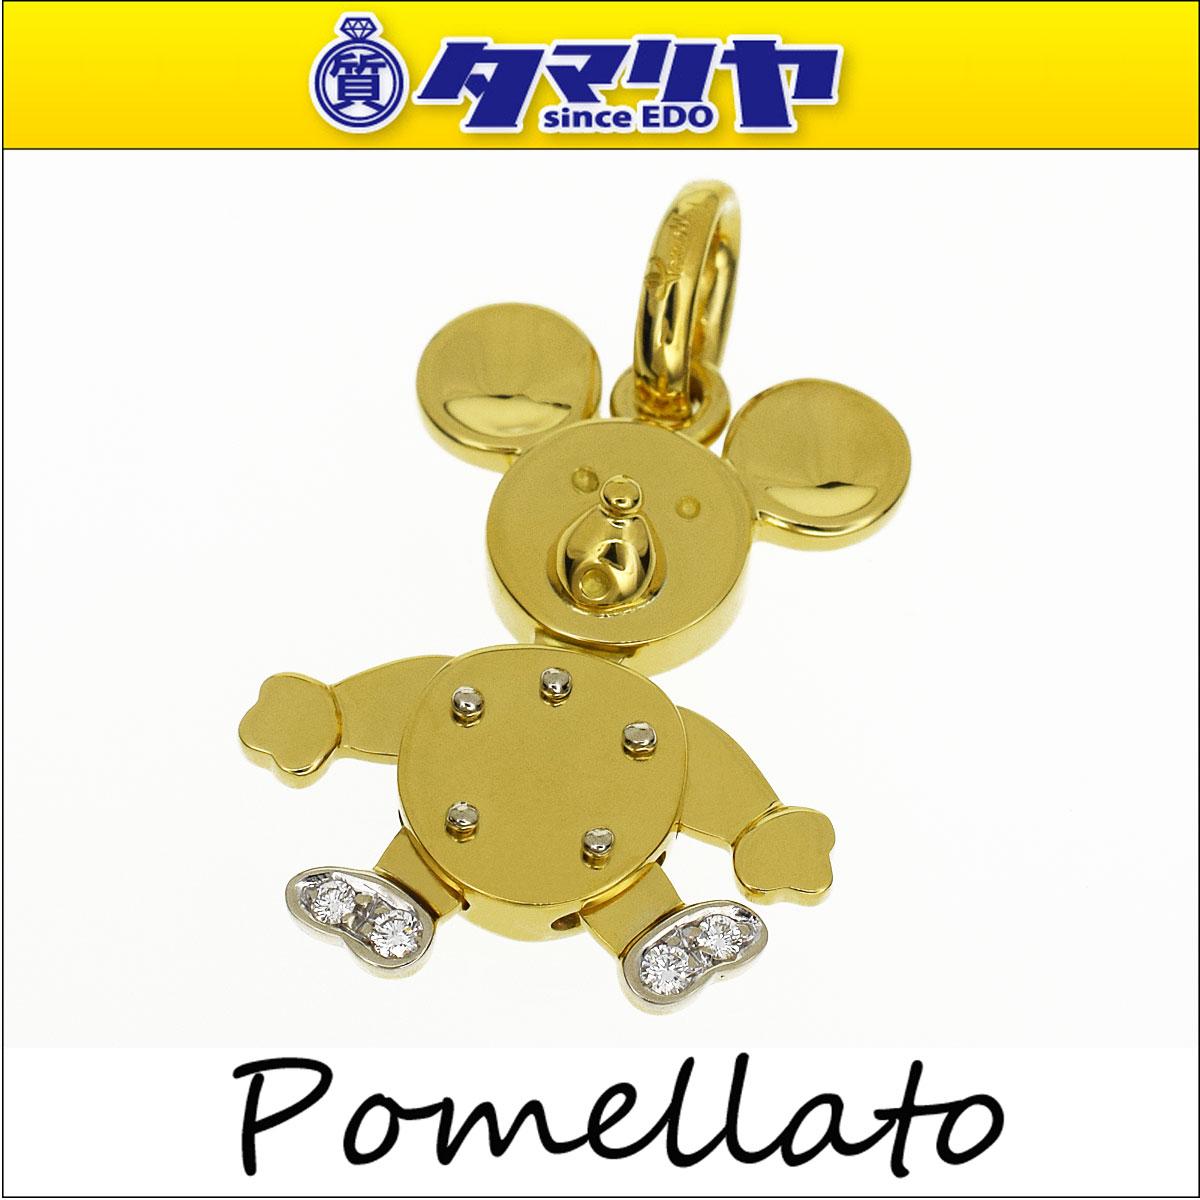 Pomellato ポメラート ダイヤ マウス ペンダントトップ 750 K18 YG WG イエローゴールド ホワイトゴールド【送料無料】【代引き手数料無料】ネズミ レディース チャーム【中古】30450637